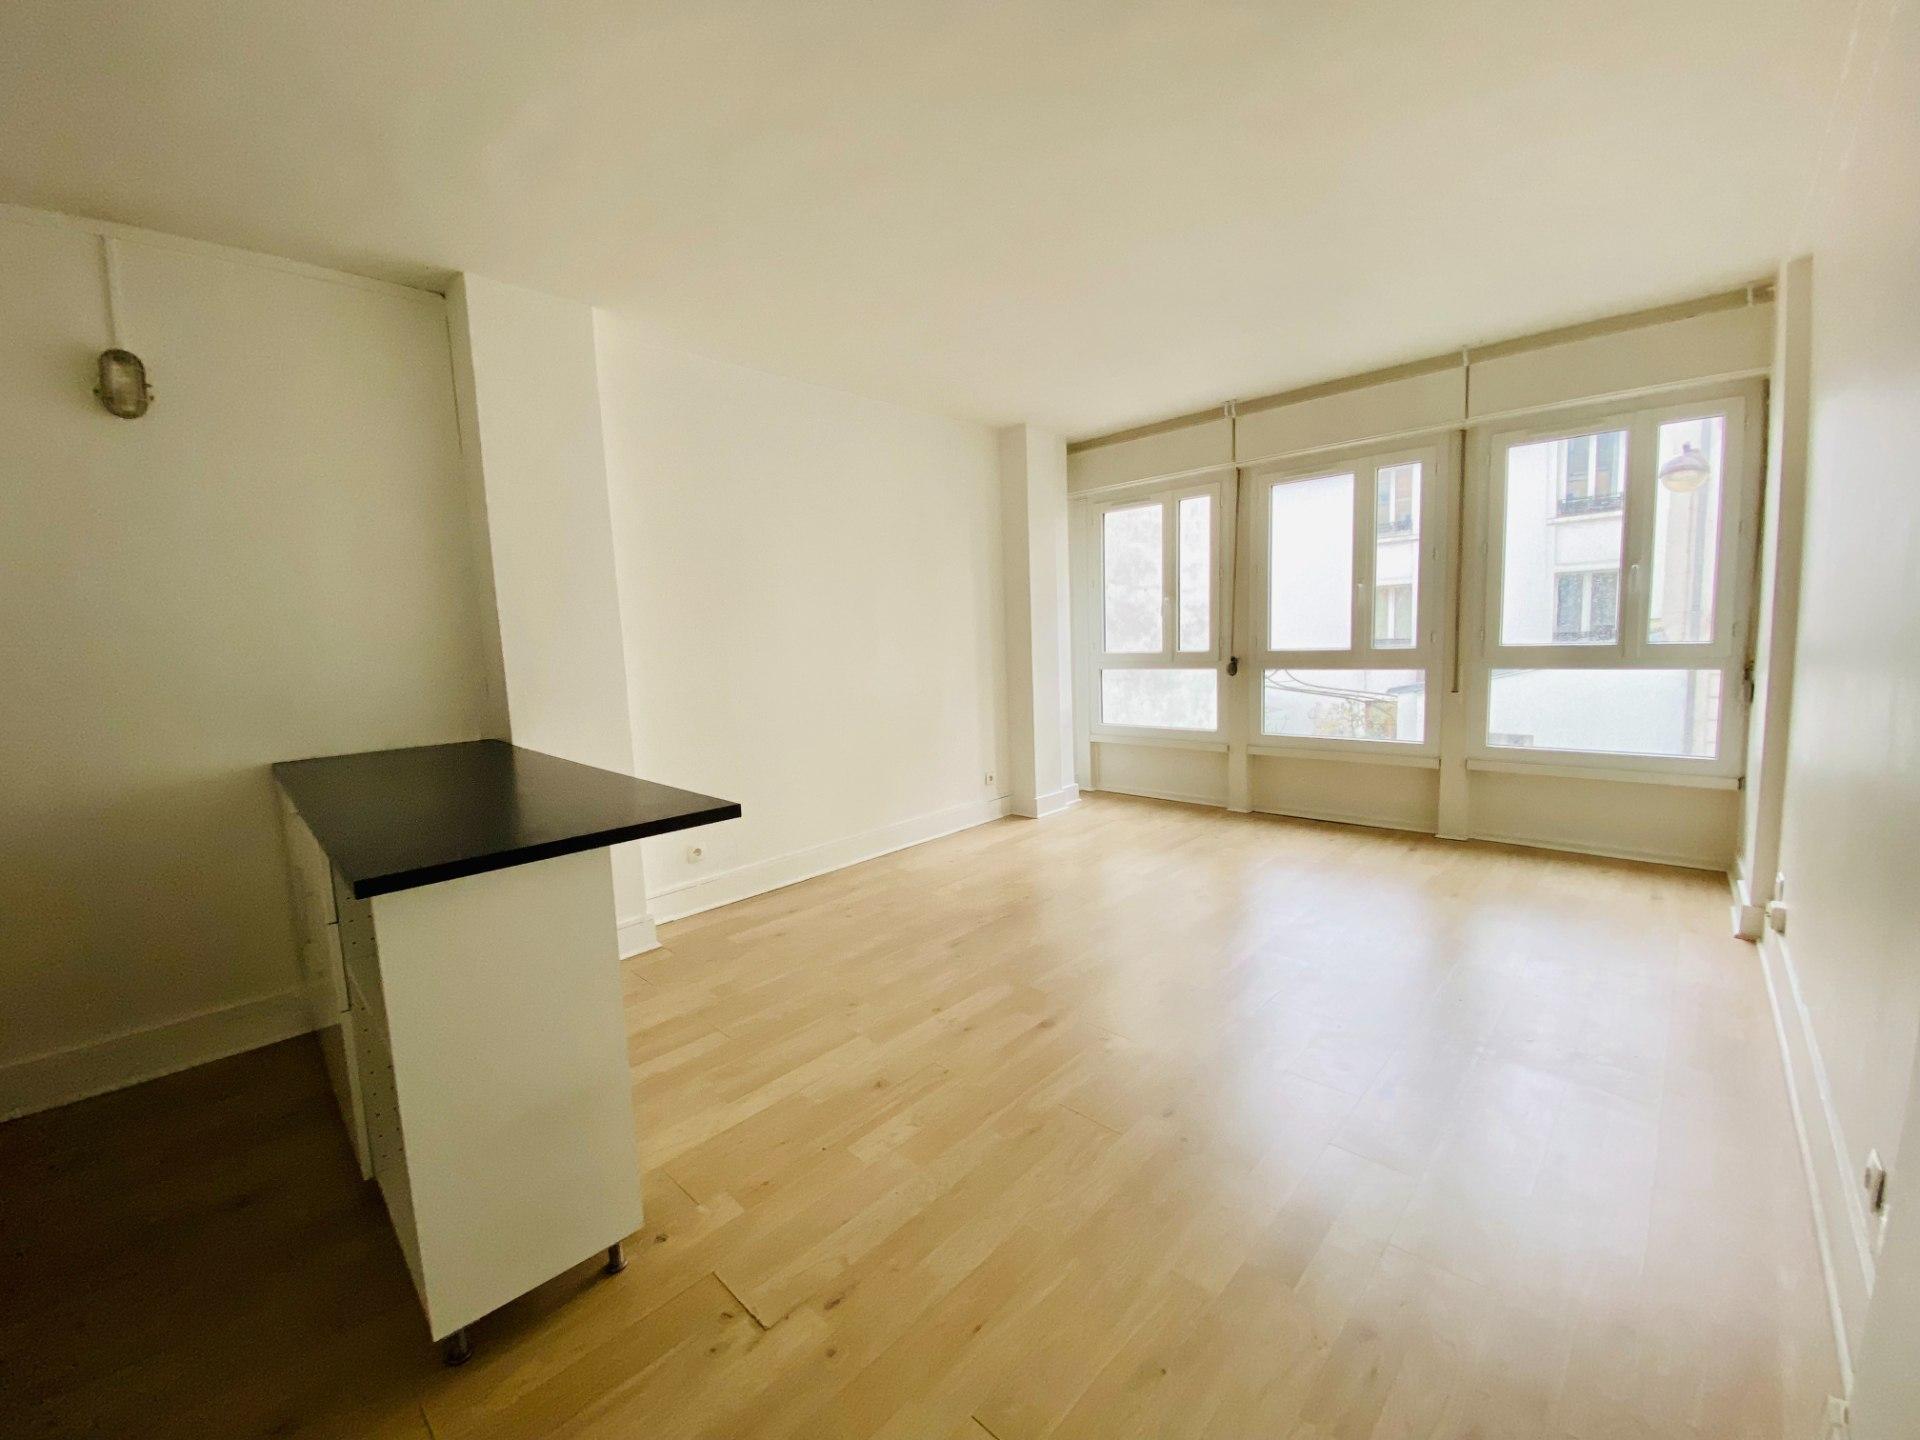 Appartement PARIS 18 – 1 pièce(s) – 30 m2 1